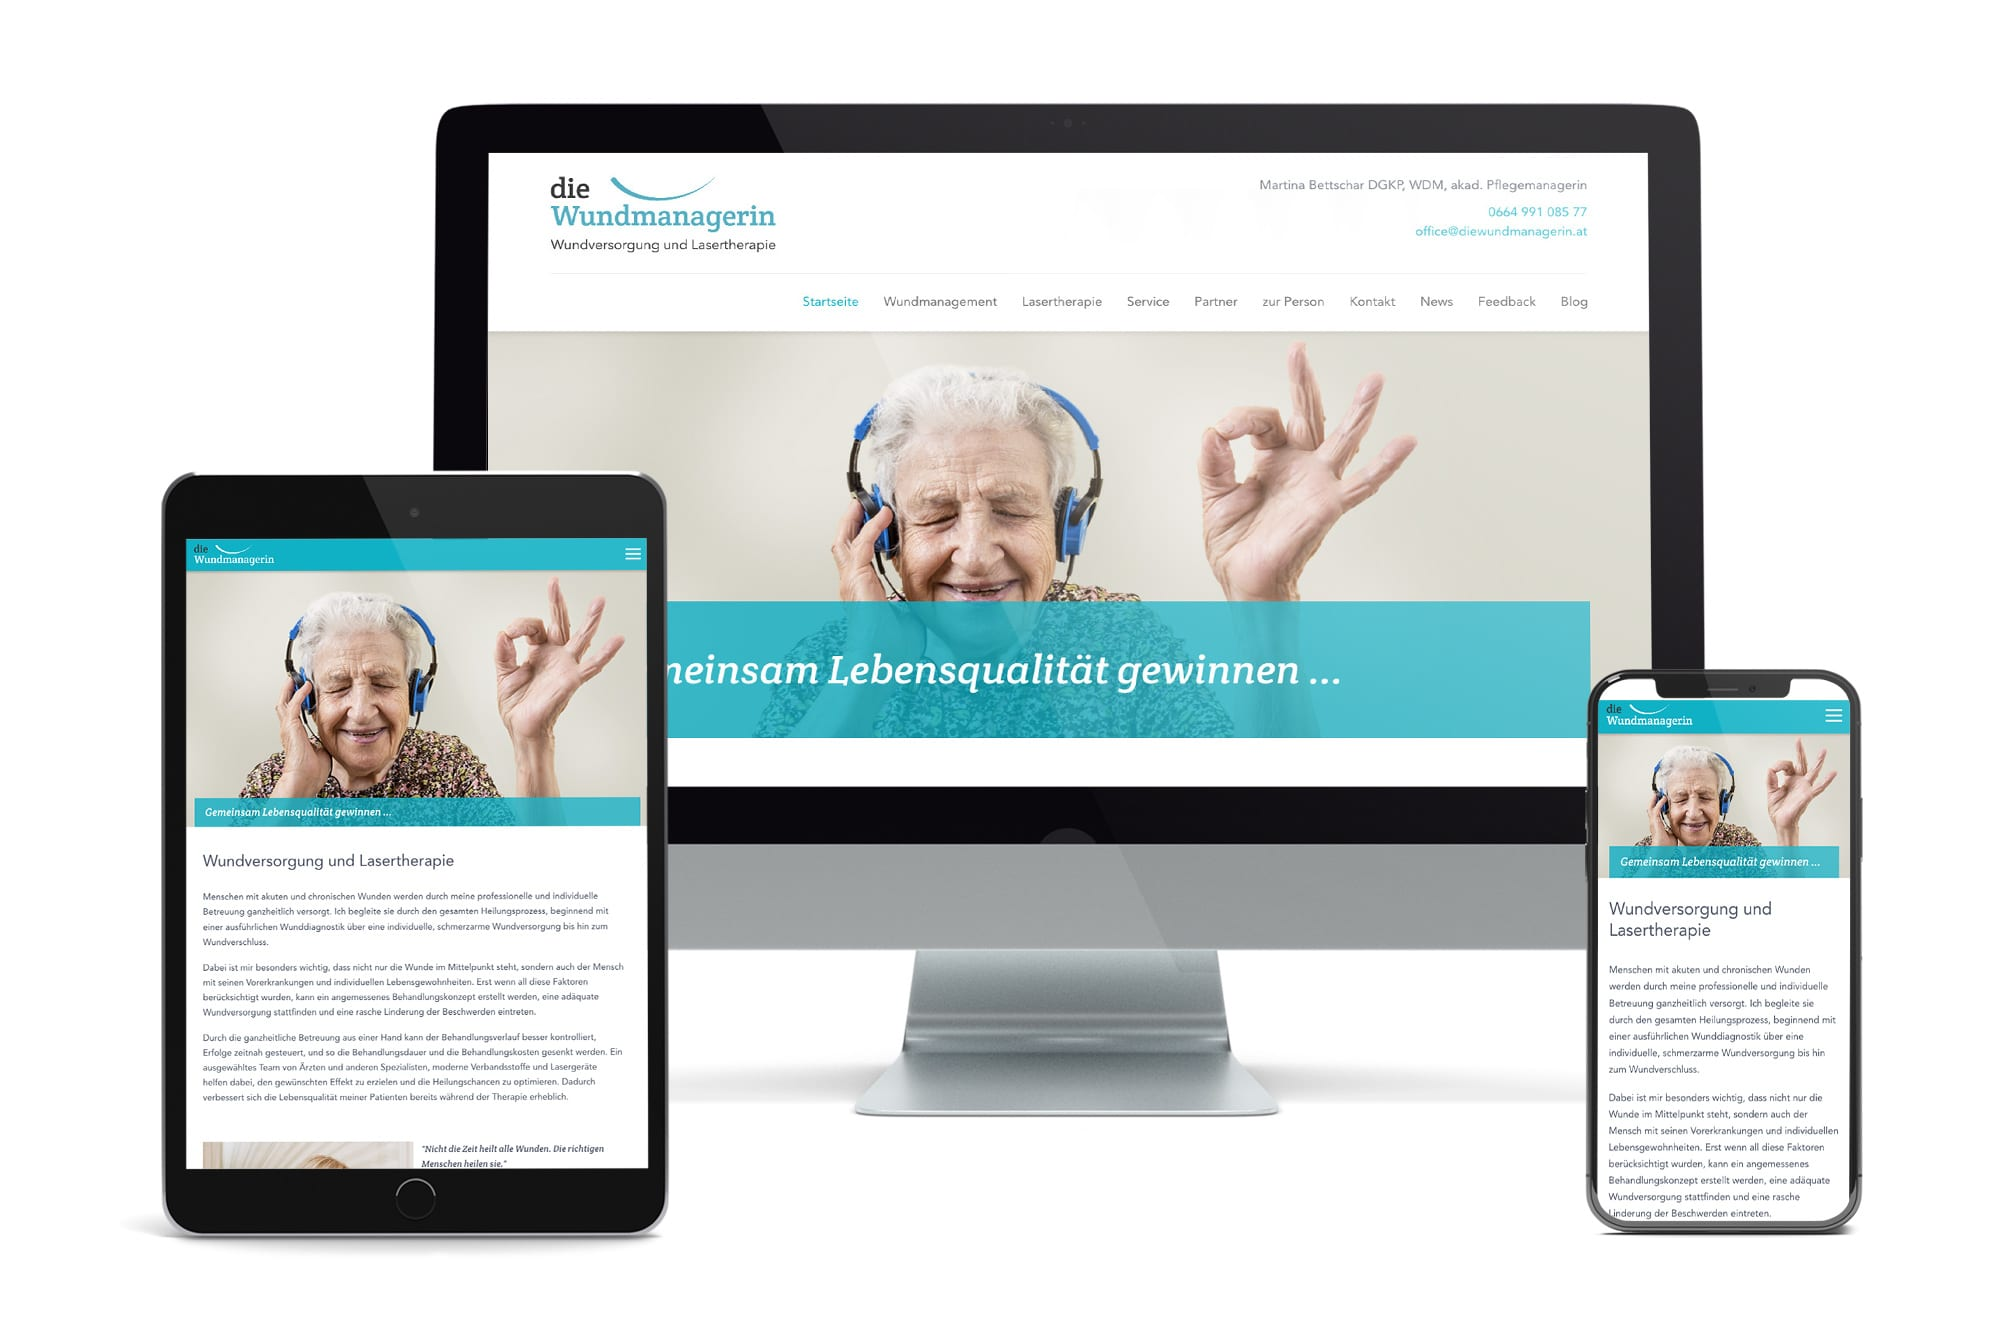 Webdesign Beispiel: Neue Website für Wundmanagement Wien